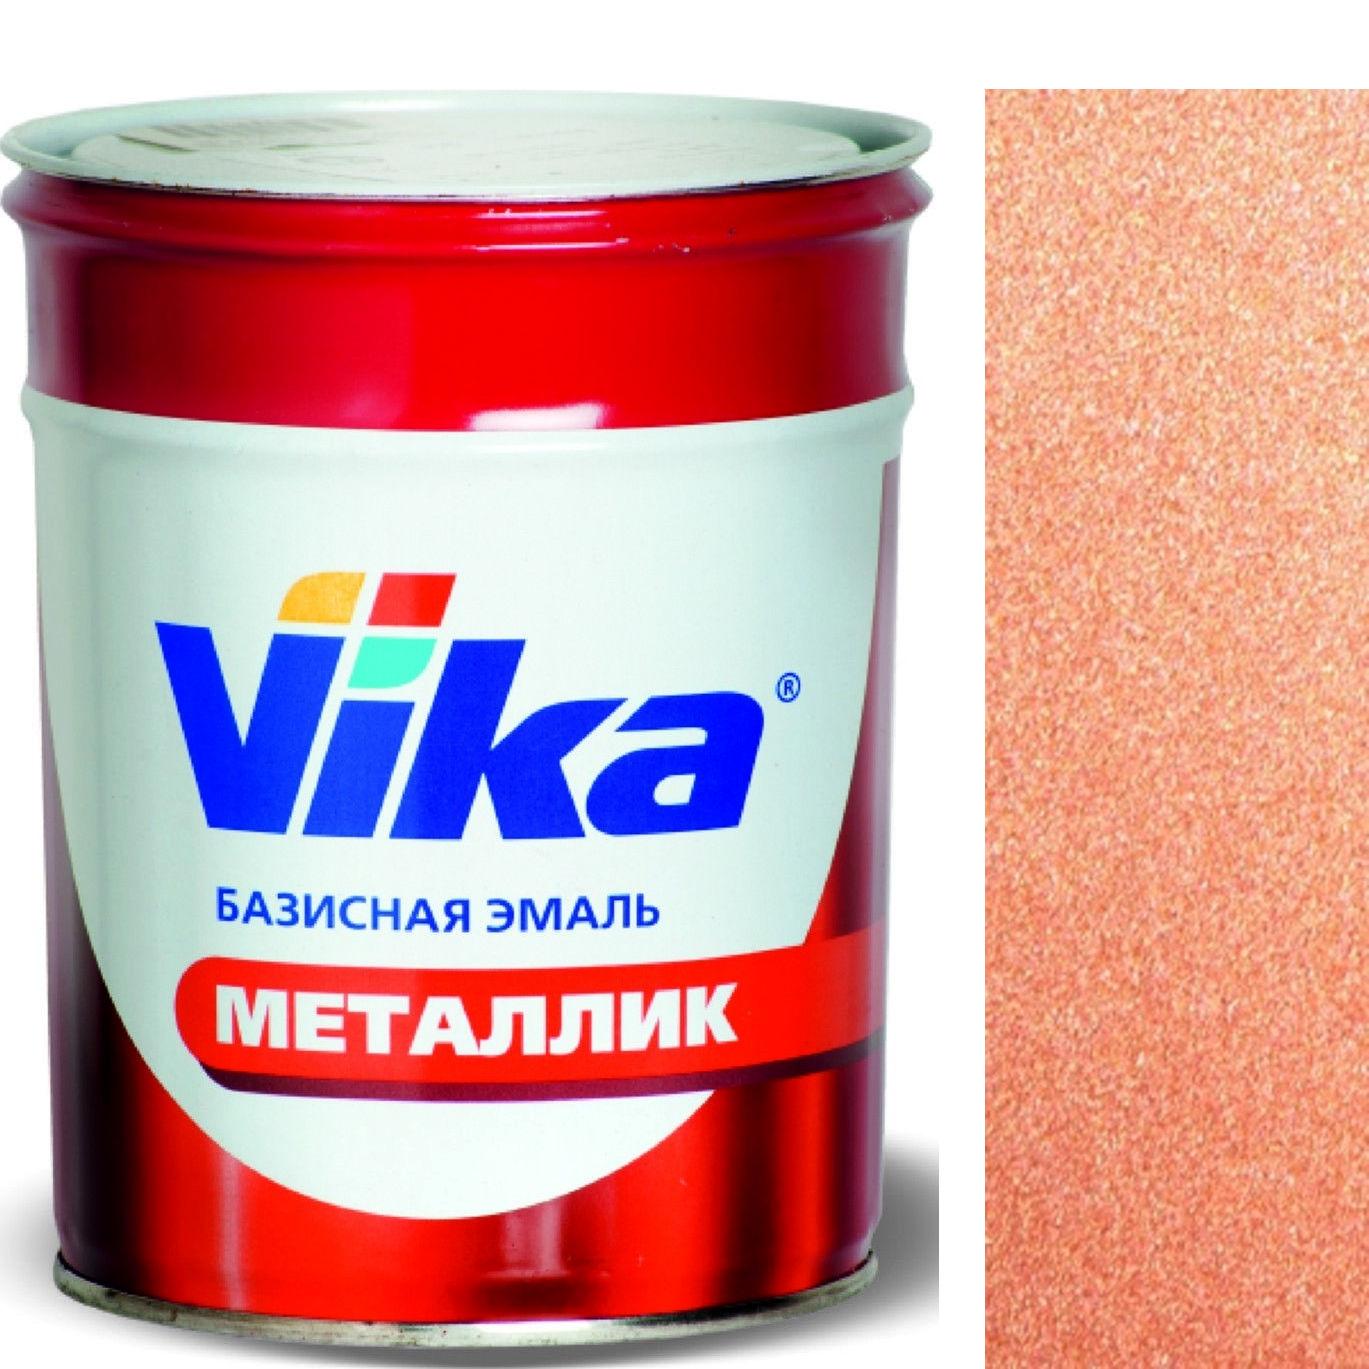 """Фото 2 - Автоэмаль """"Металлик"""" 102 Абрикос, профессиональная базовая, - 0,9 кг."""